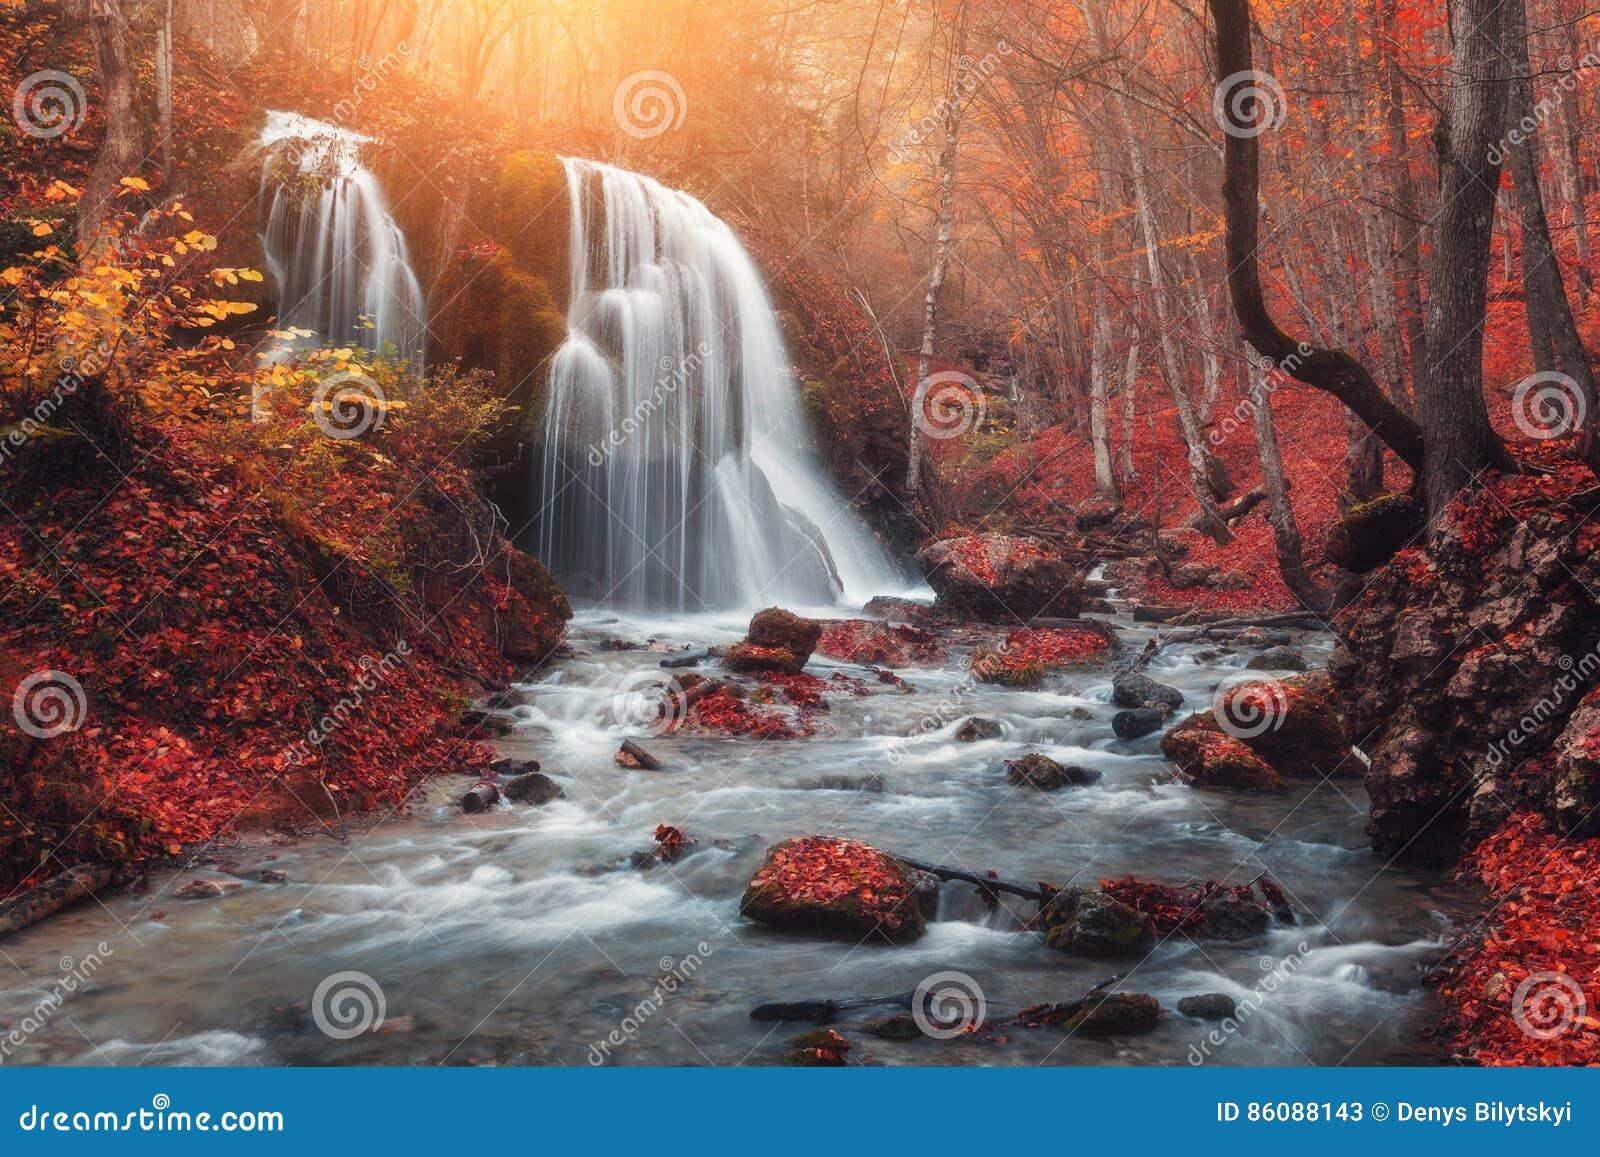 Καταρράκτης στον ποταμό βουνών στο δάσος φθινοπώρου στο ηλιοβασίλεμα